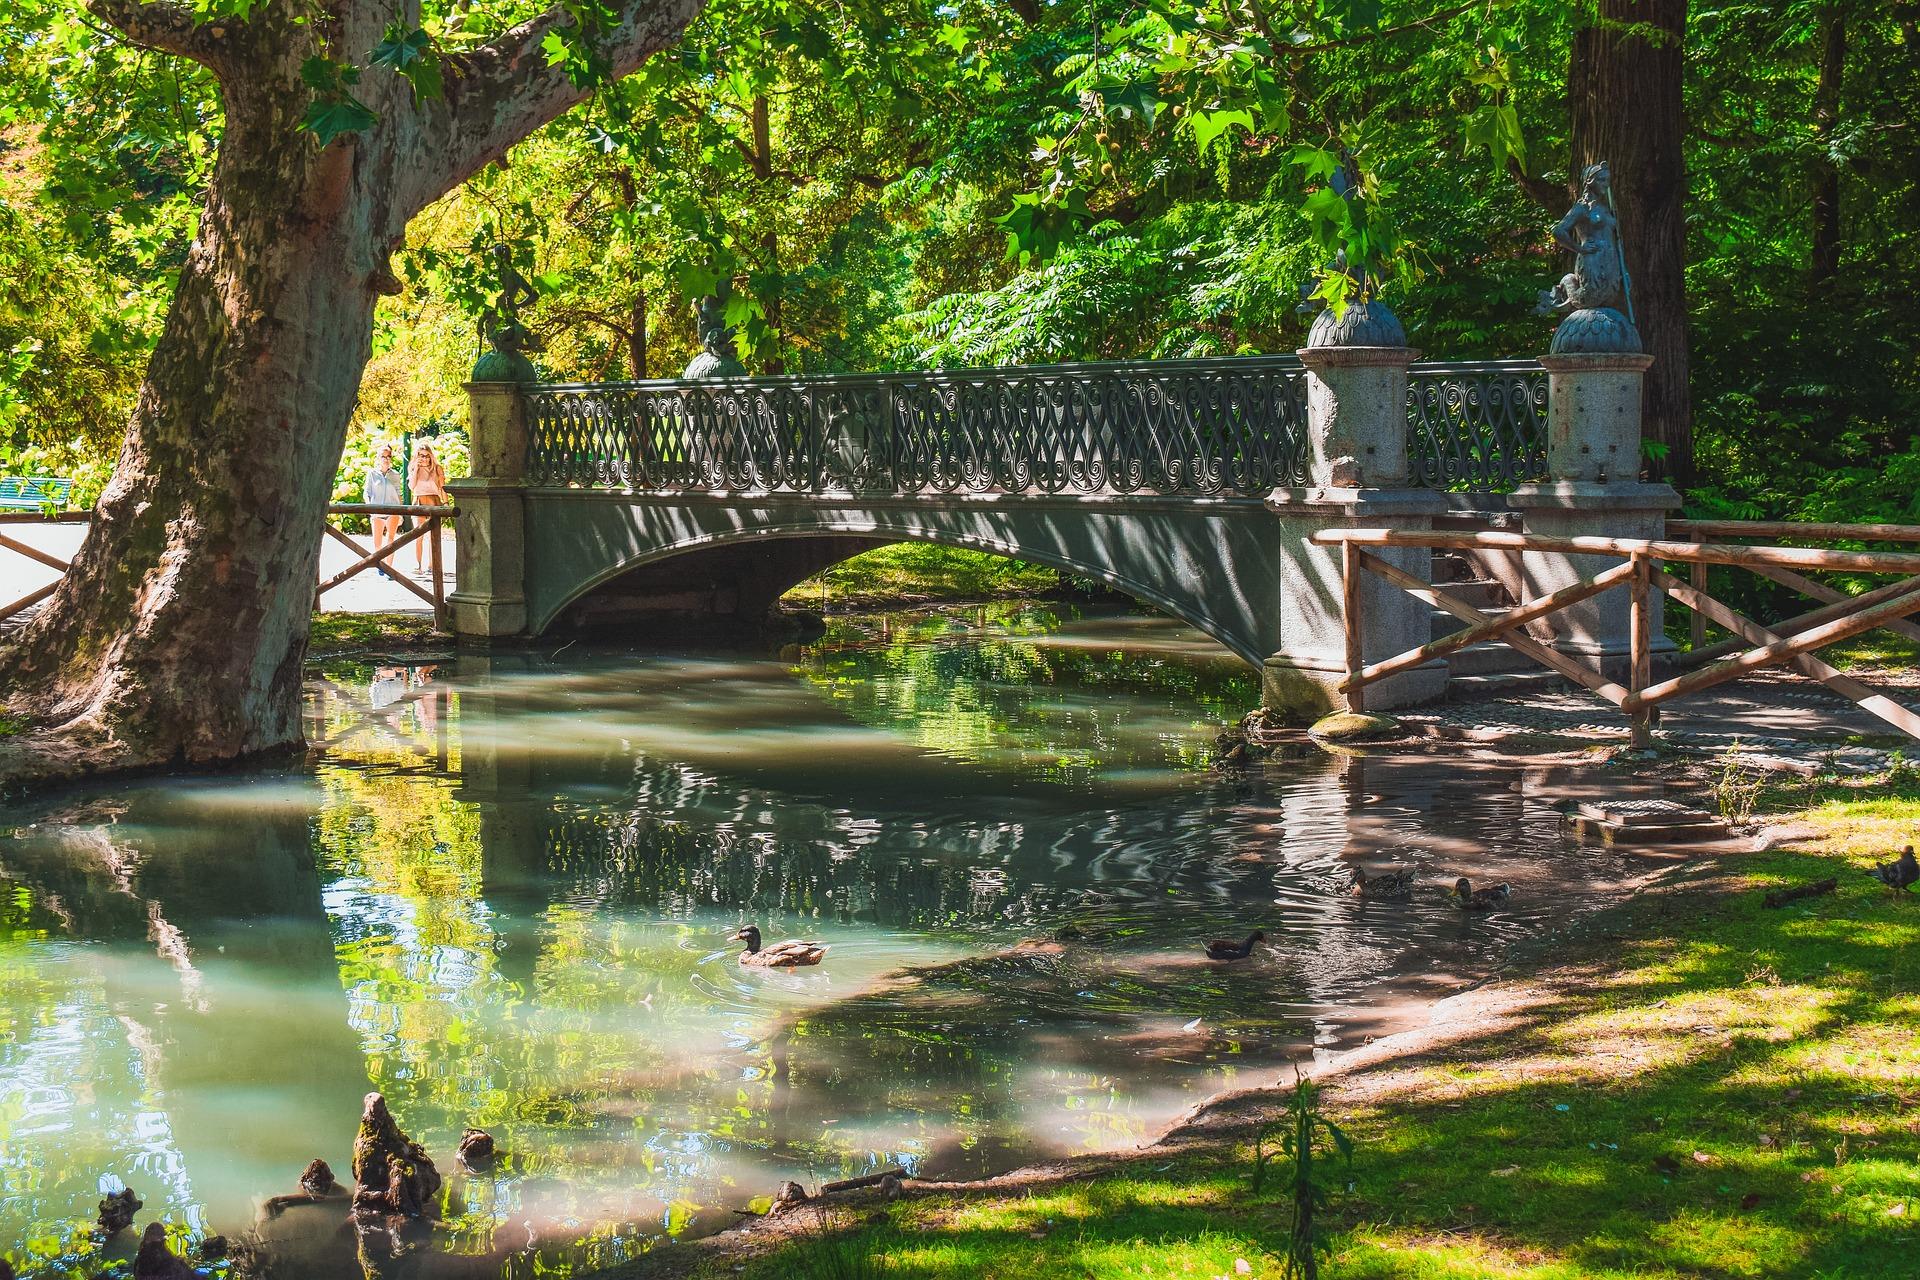 bridge-3573802_1920